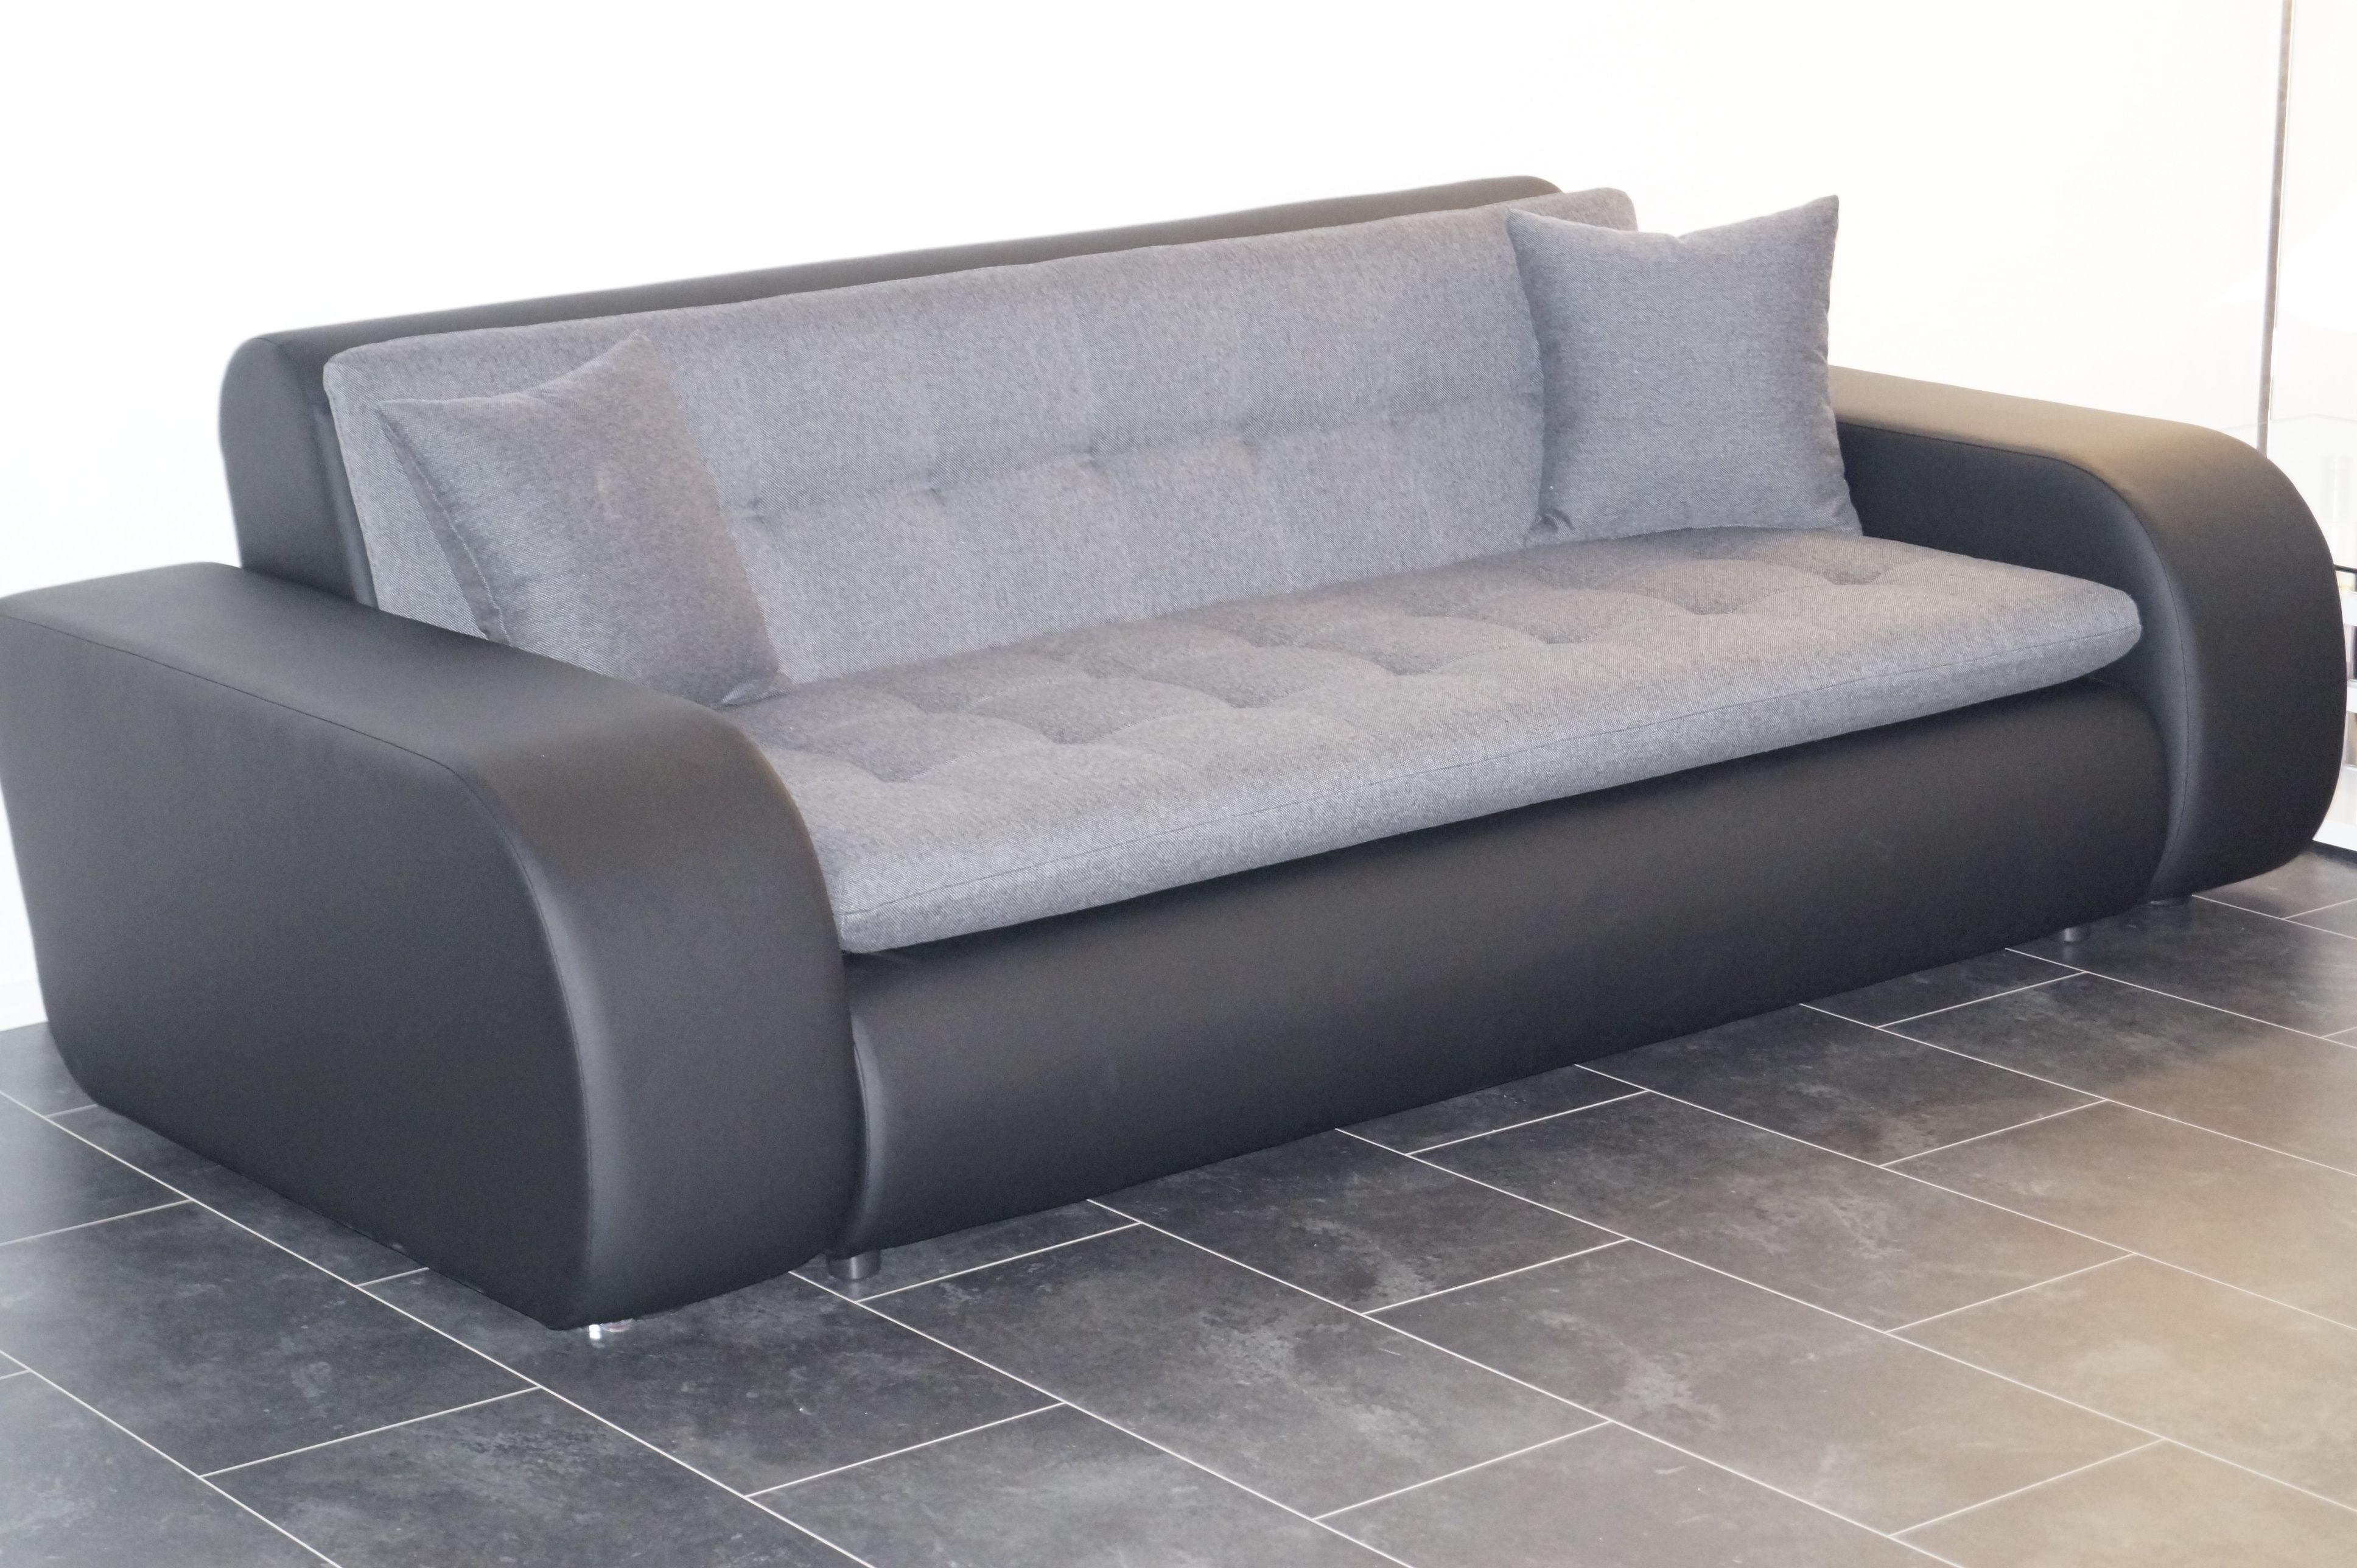 Innenarchitektur Sofa Billig Kaufen Dekoration Von Www.sofa-günstig-kaufen.de Möbel Sofort Auf Lager !